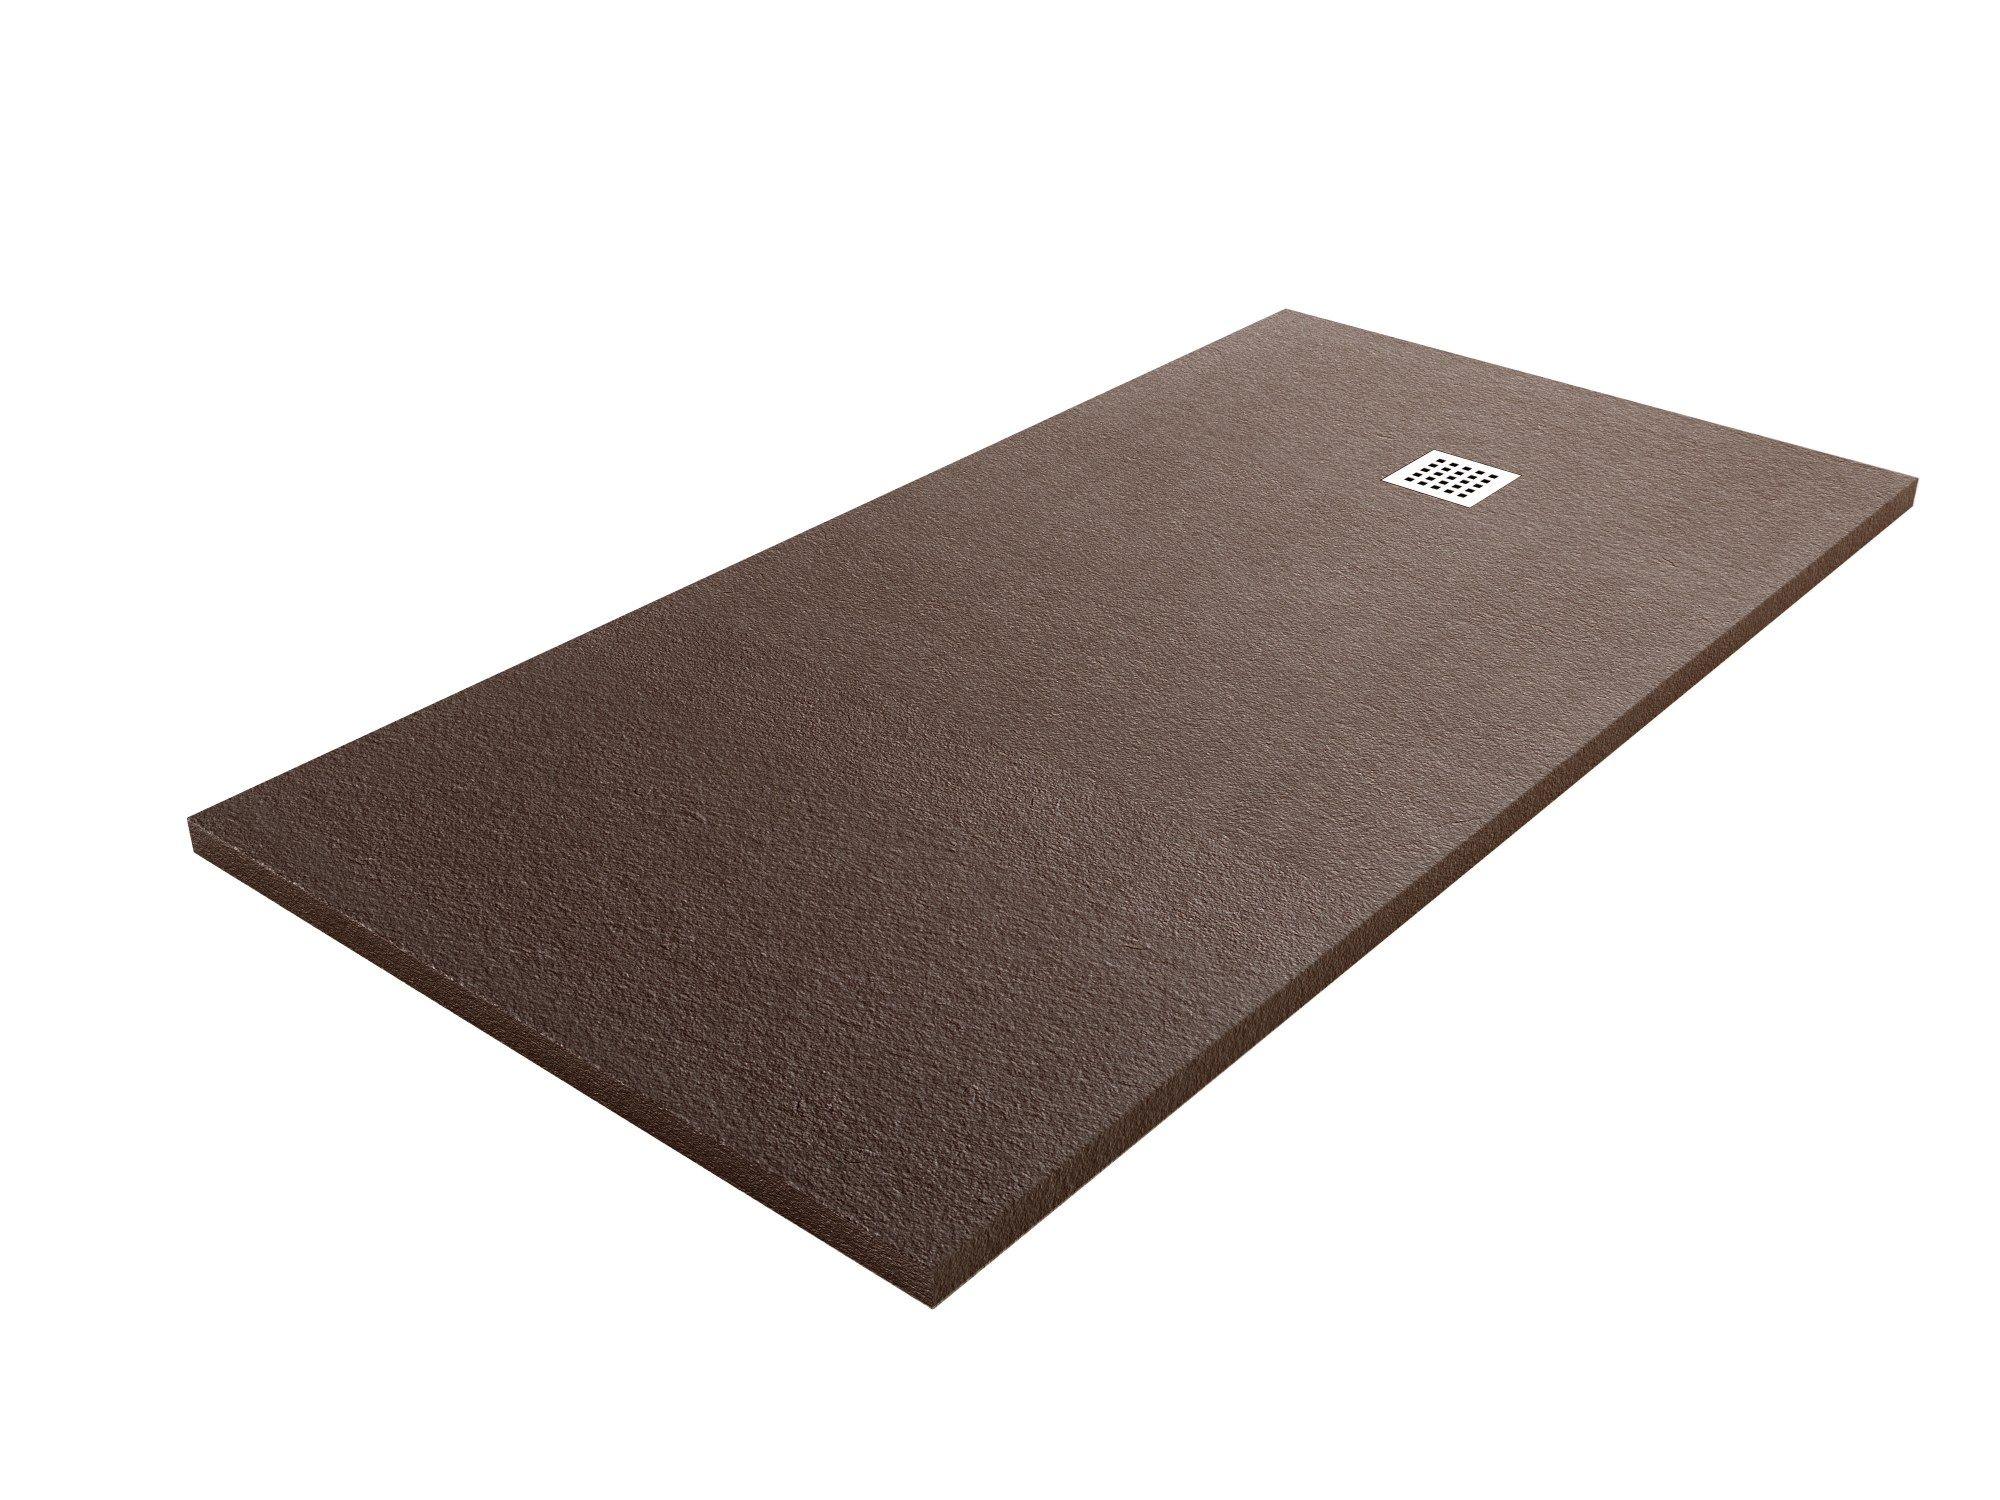 receveur de douche anti glisse en silexpol sur mesure. Black Bedroom Furniture Sets. Home Design Ideas